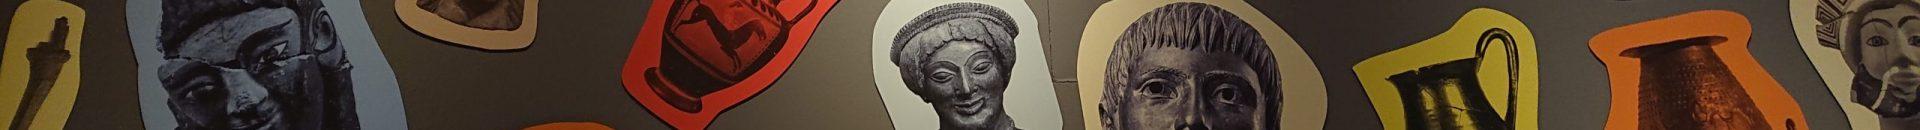 Gli Etruschi a Bologna: una mostra, un viaggio